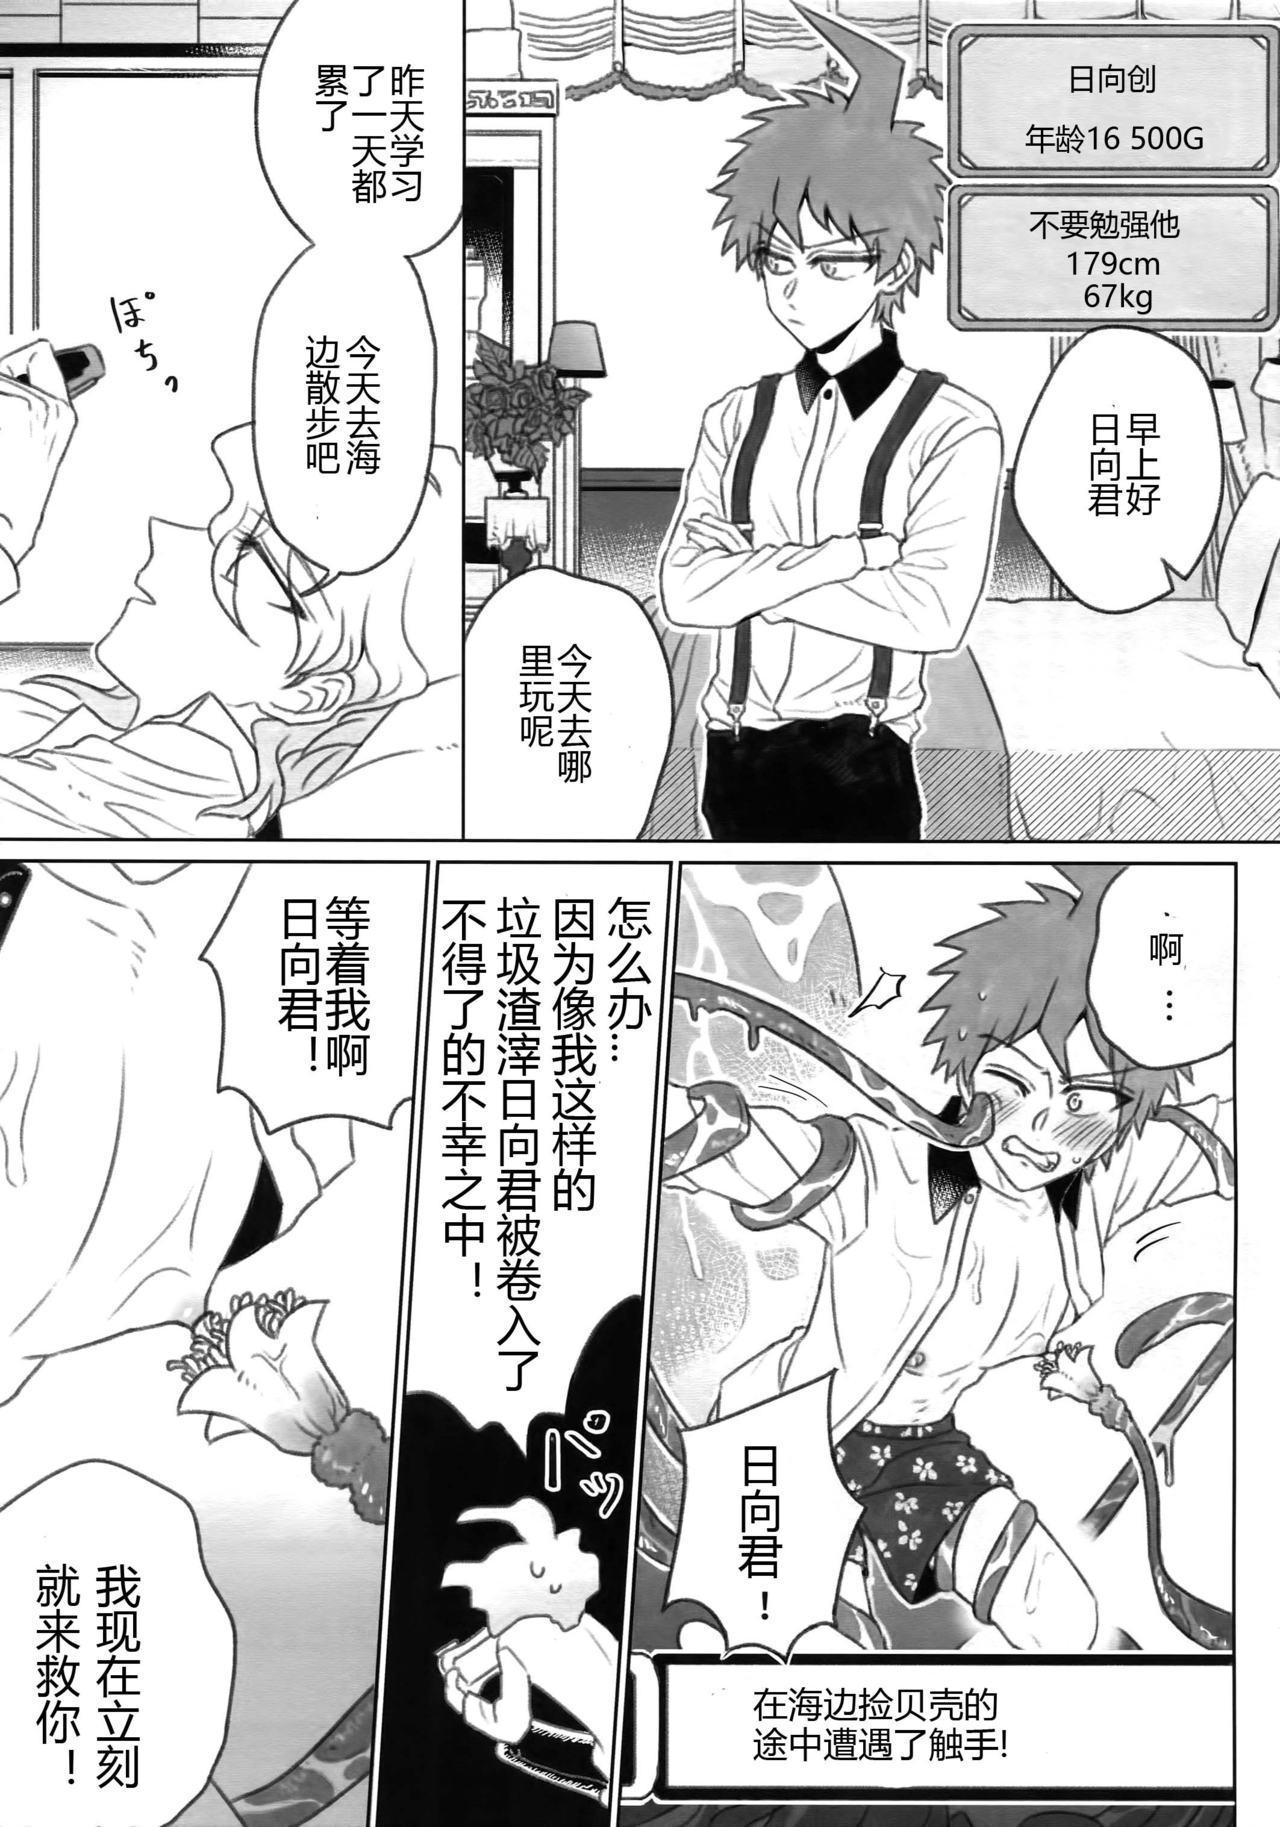 Tsunaide! Shokushu-kun! 连接吧!触手君! 53